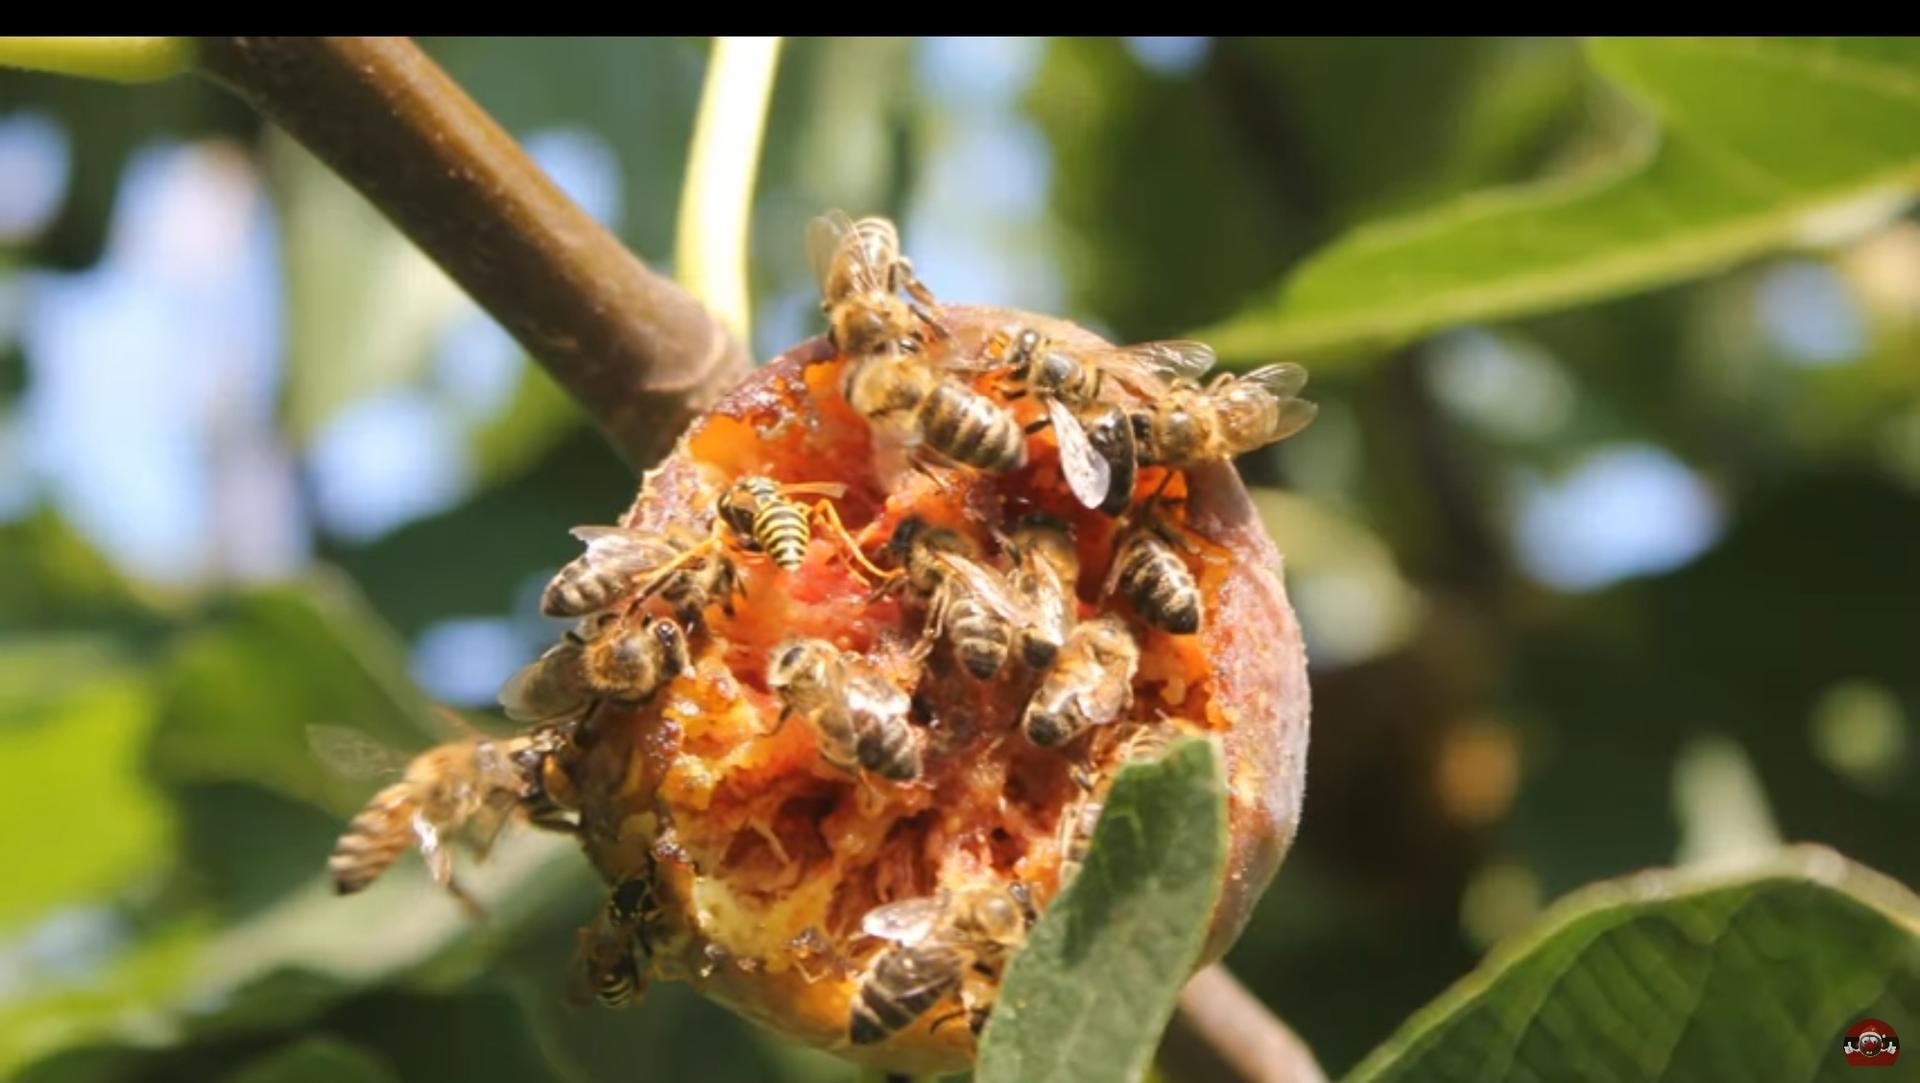 Škodcovia,alebo pomocníci,takto včely a... - Obrázok č. 1